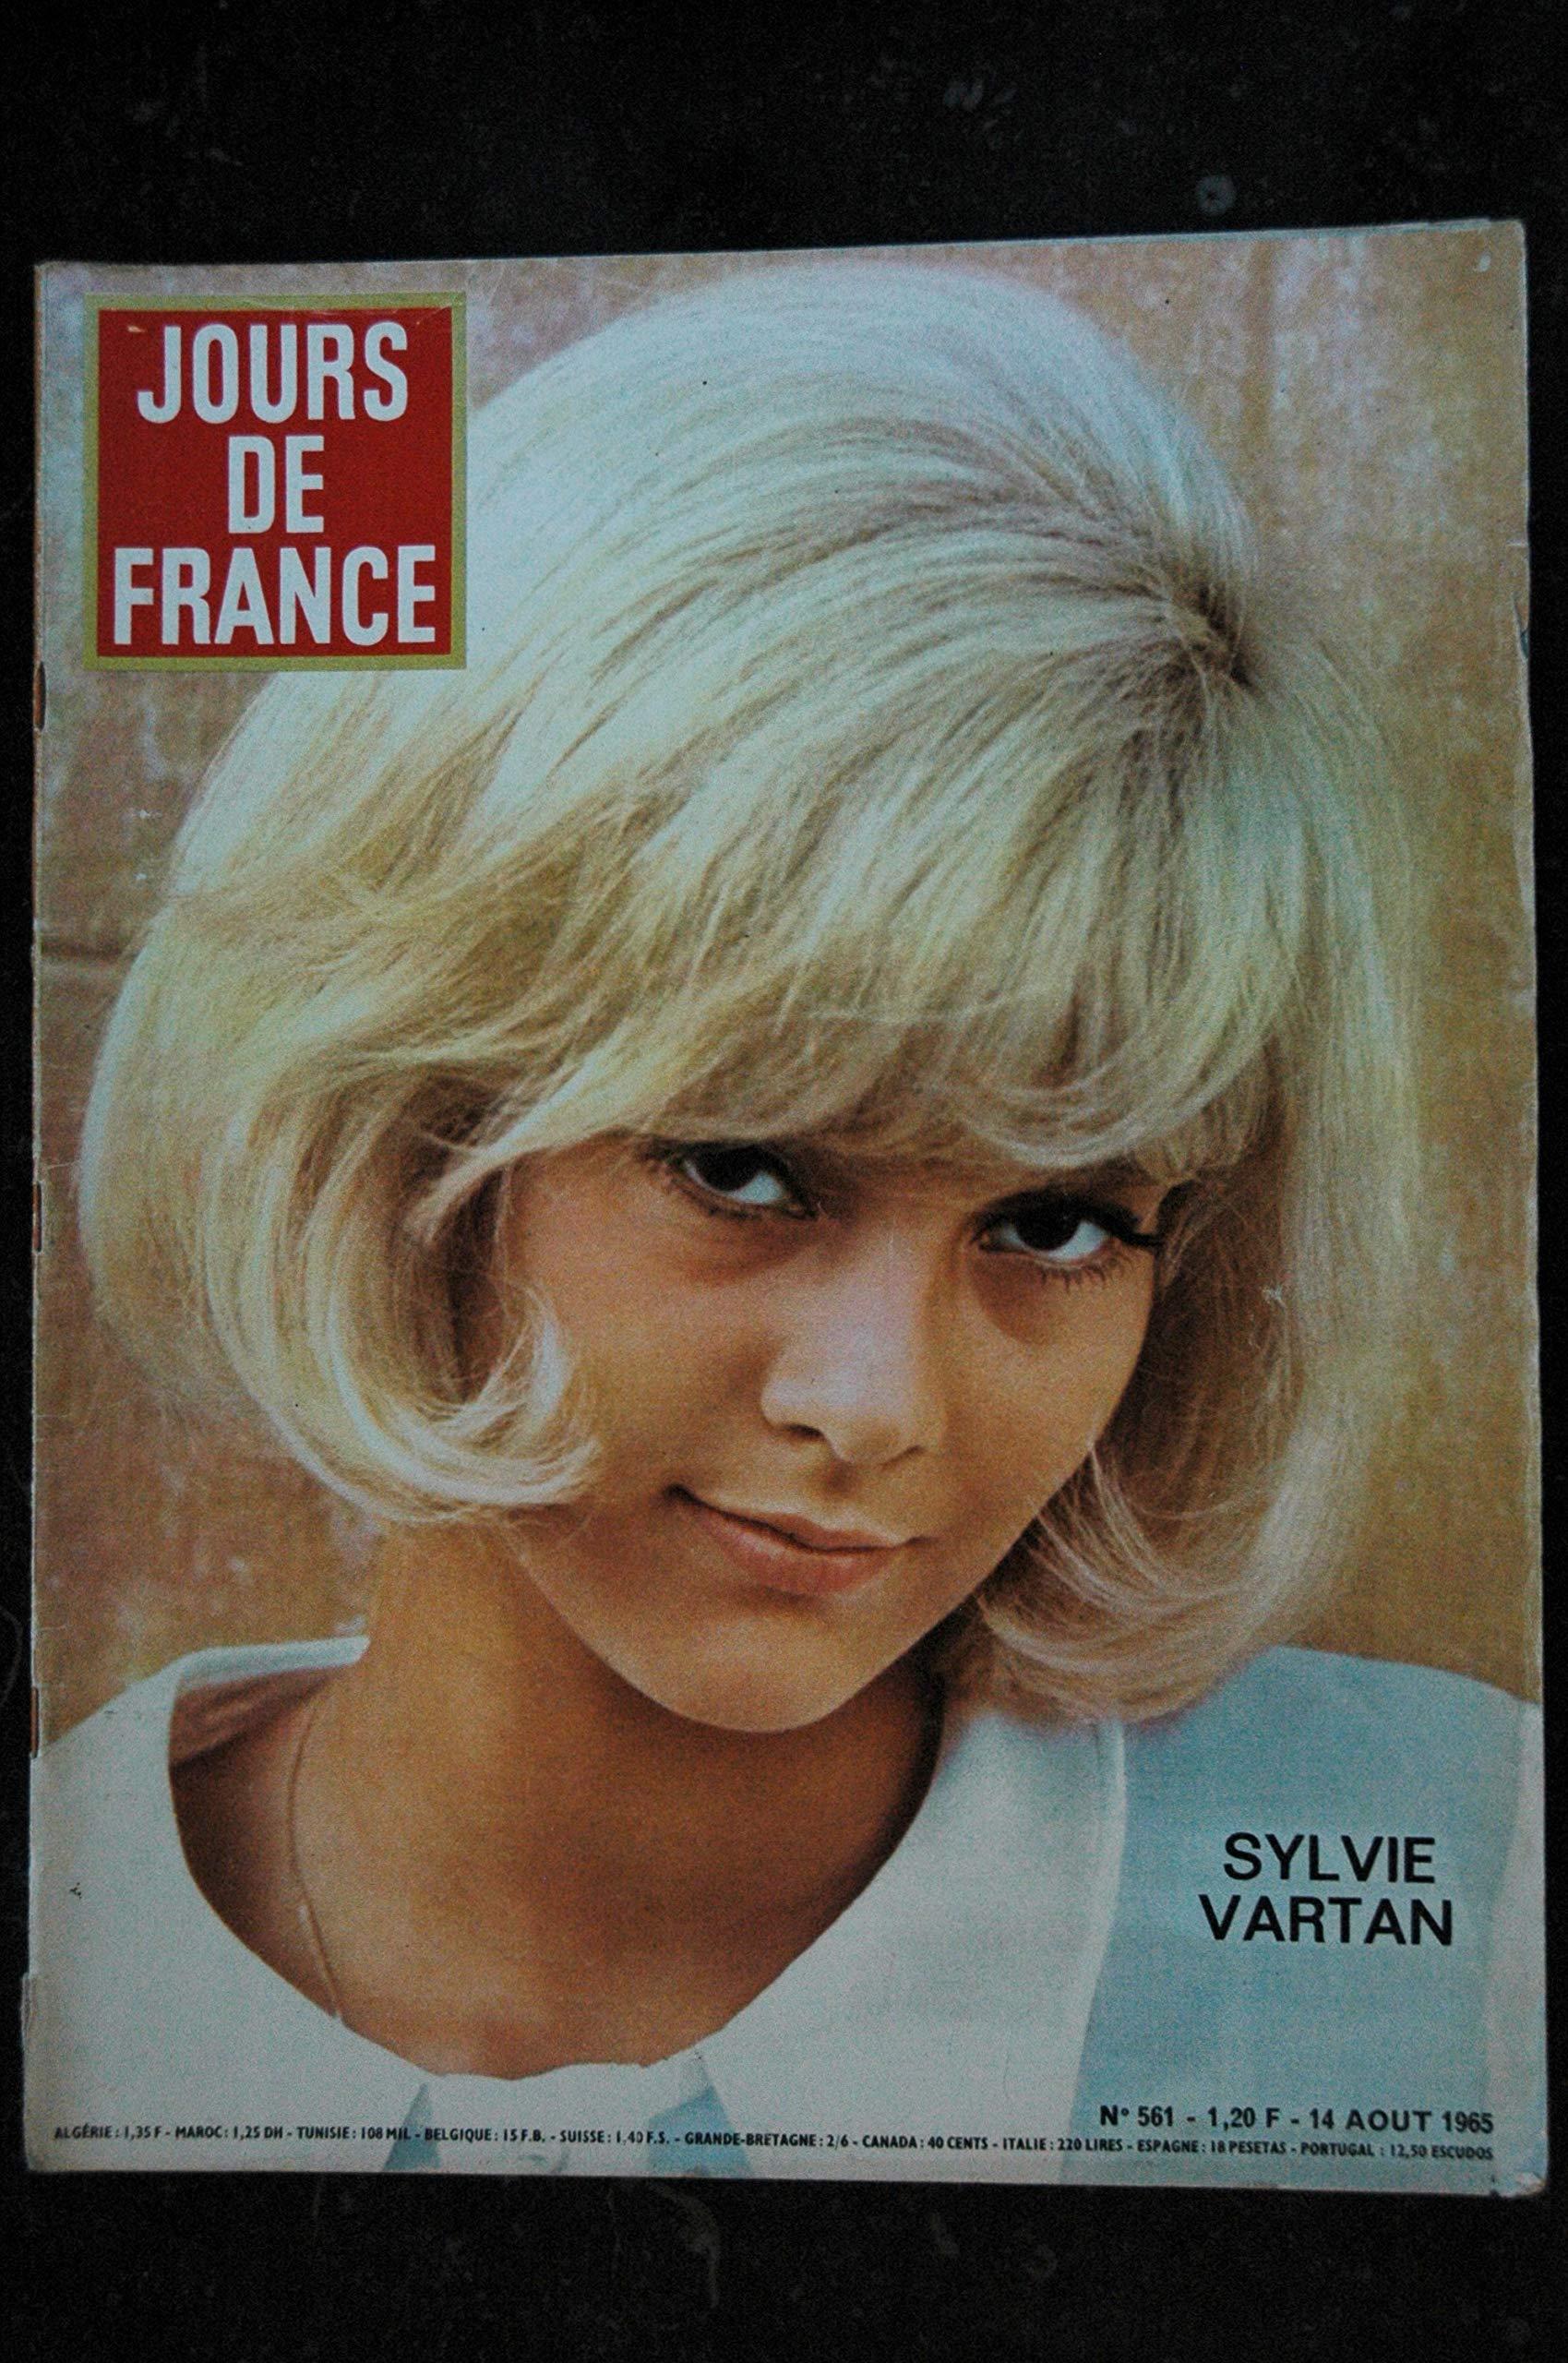 Jours De France 561 Aout 1965 Sylvie Vartan Cover 5 Pages Farah Elsa Martinelli Beatles Chez Princesse Magaret Les Tresors D Emmanuelle 3701315960818 Amazon Com Books